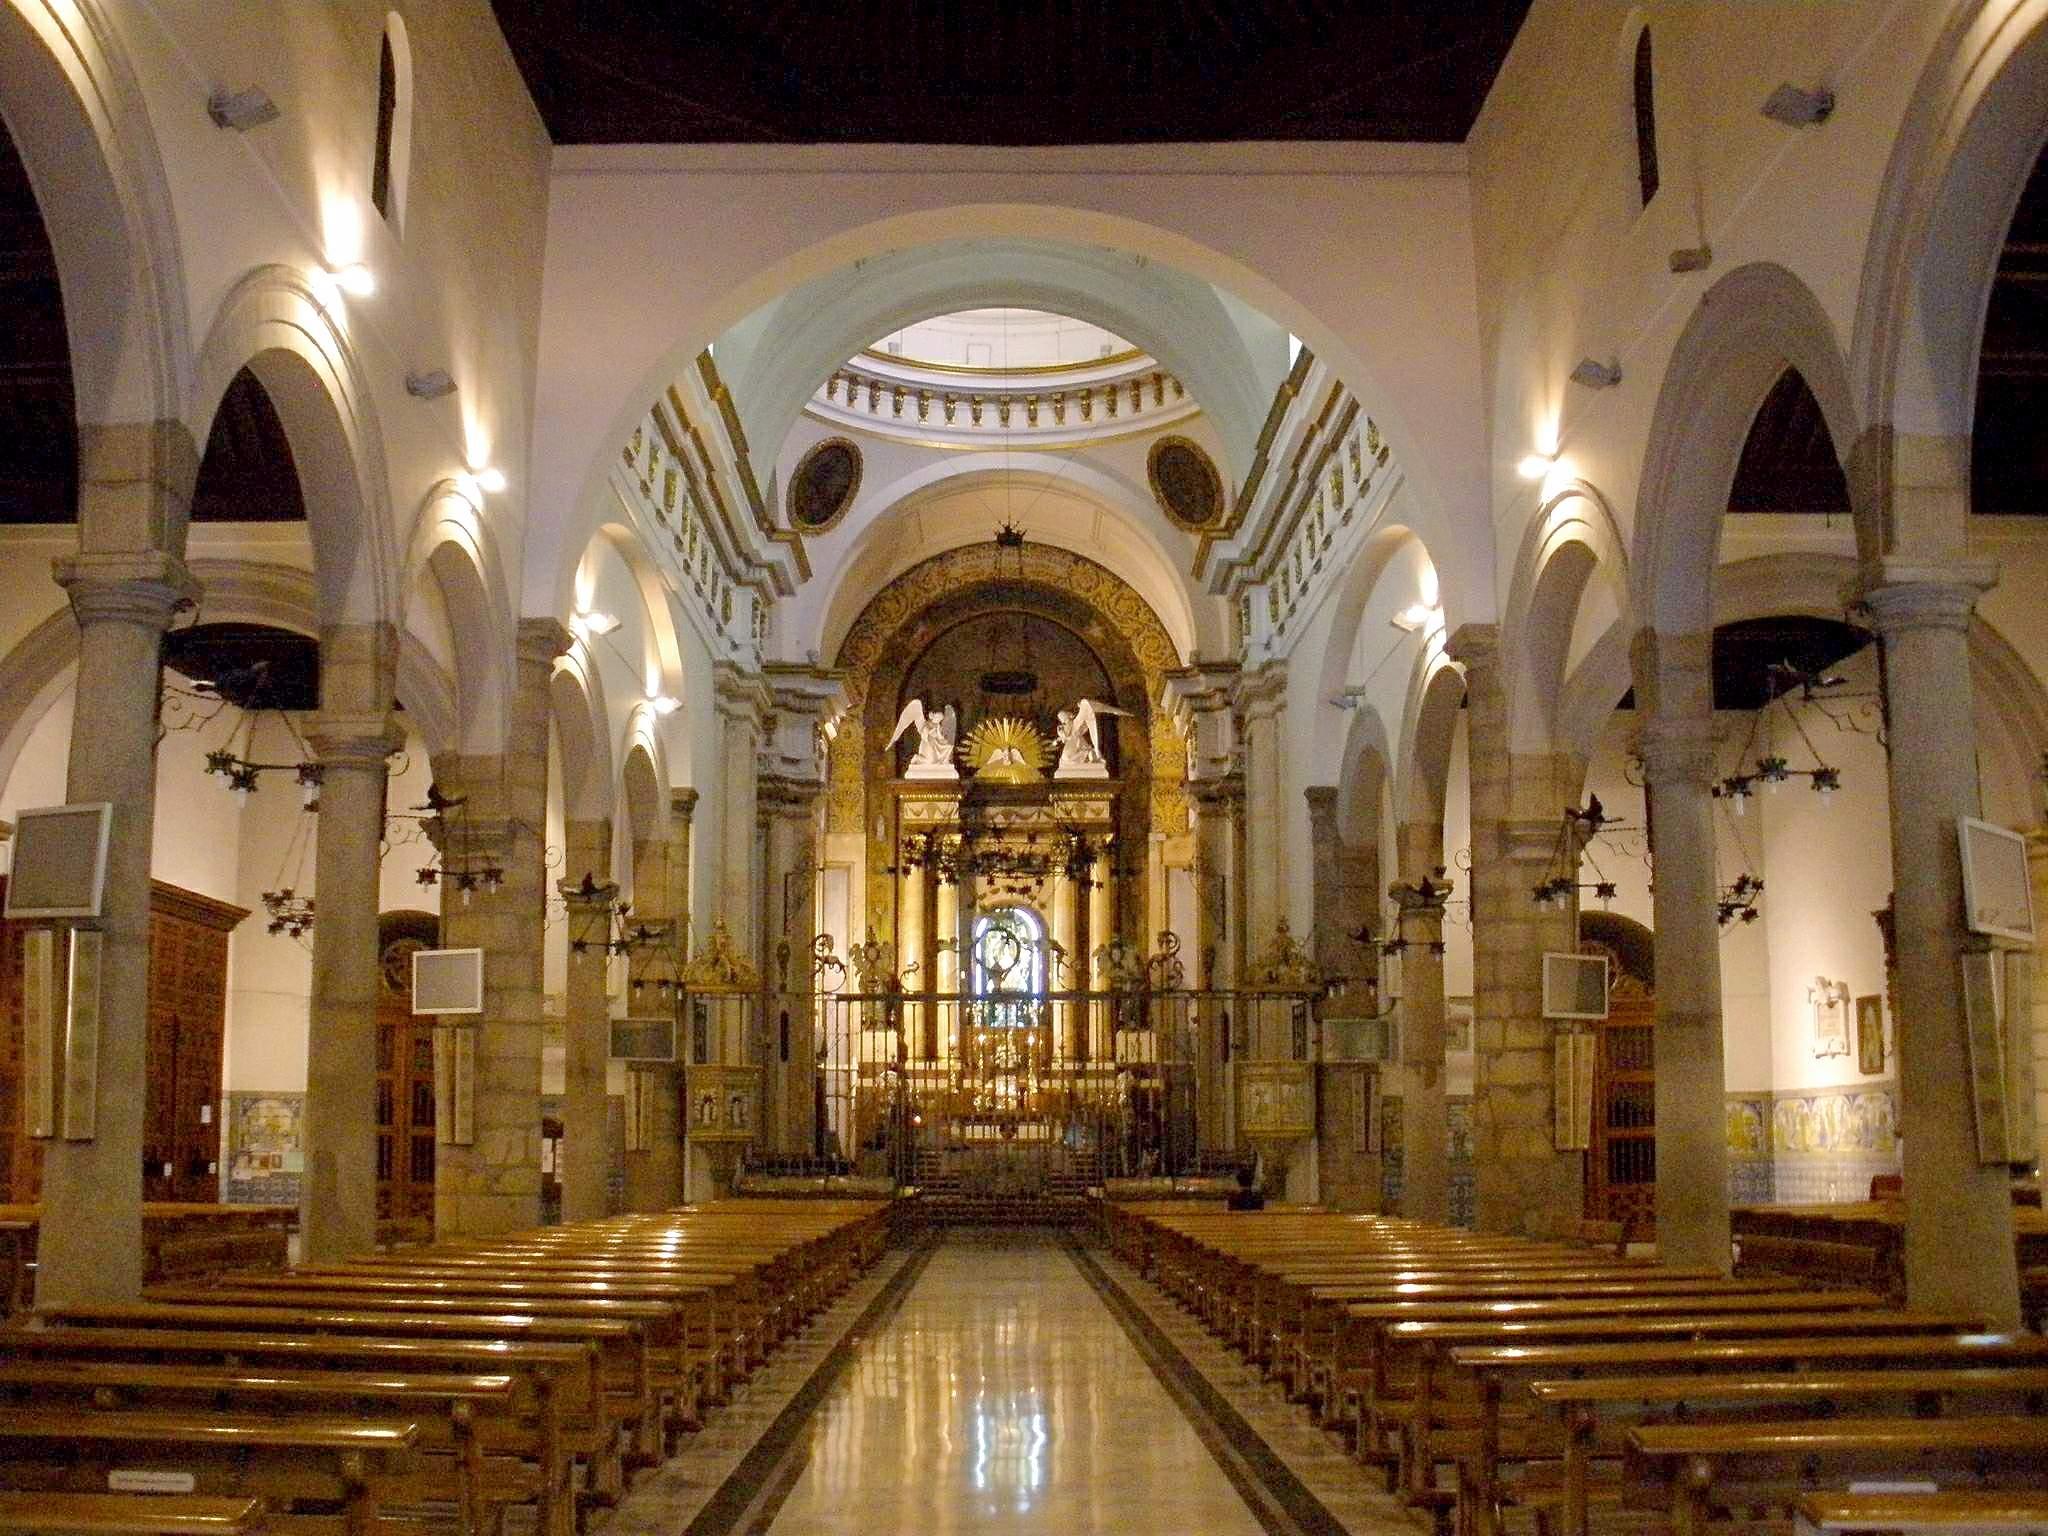 Azulejos Para Baños En Talavera Dela Reina:File:Talavera de la Reina – Basilica de Nuestra Señora del Prado 14